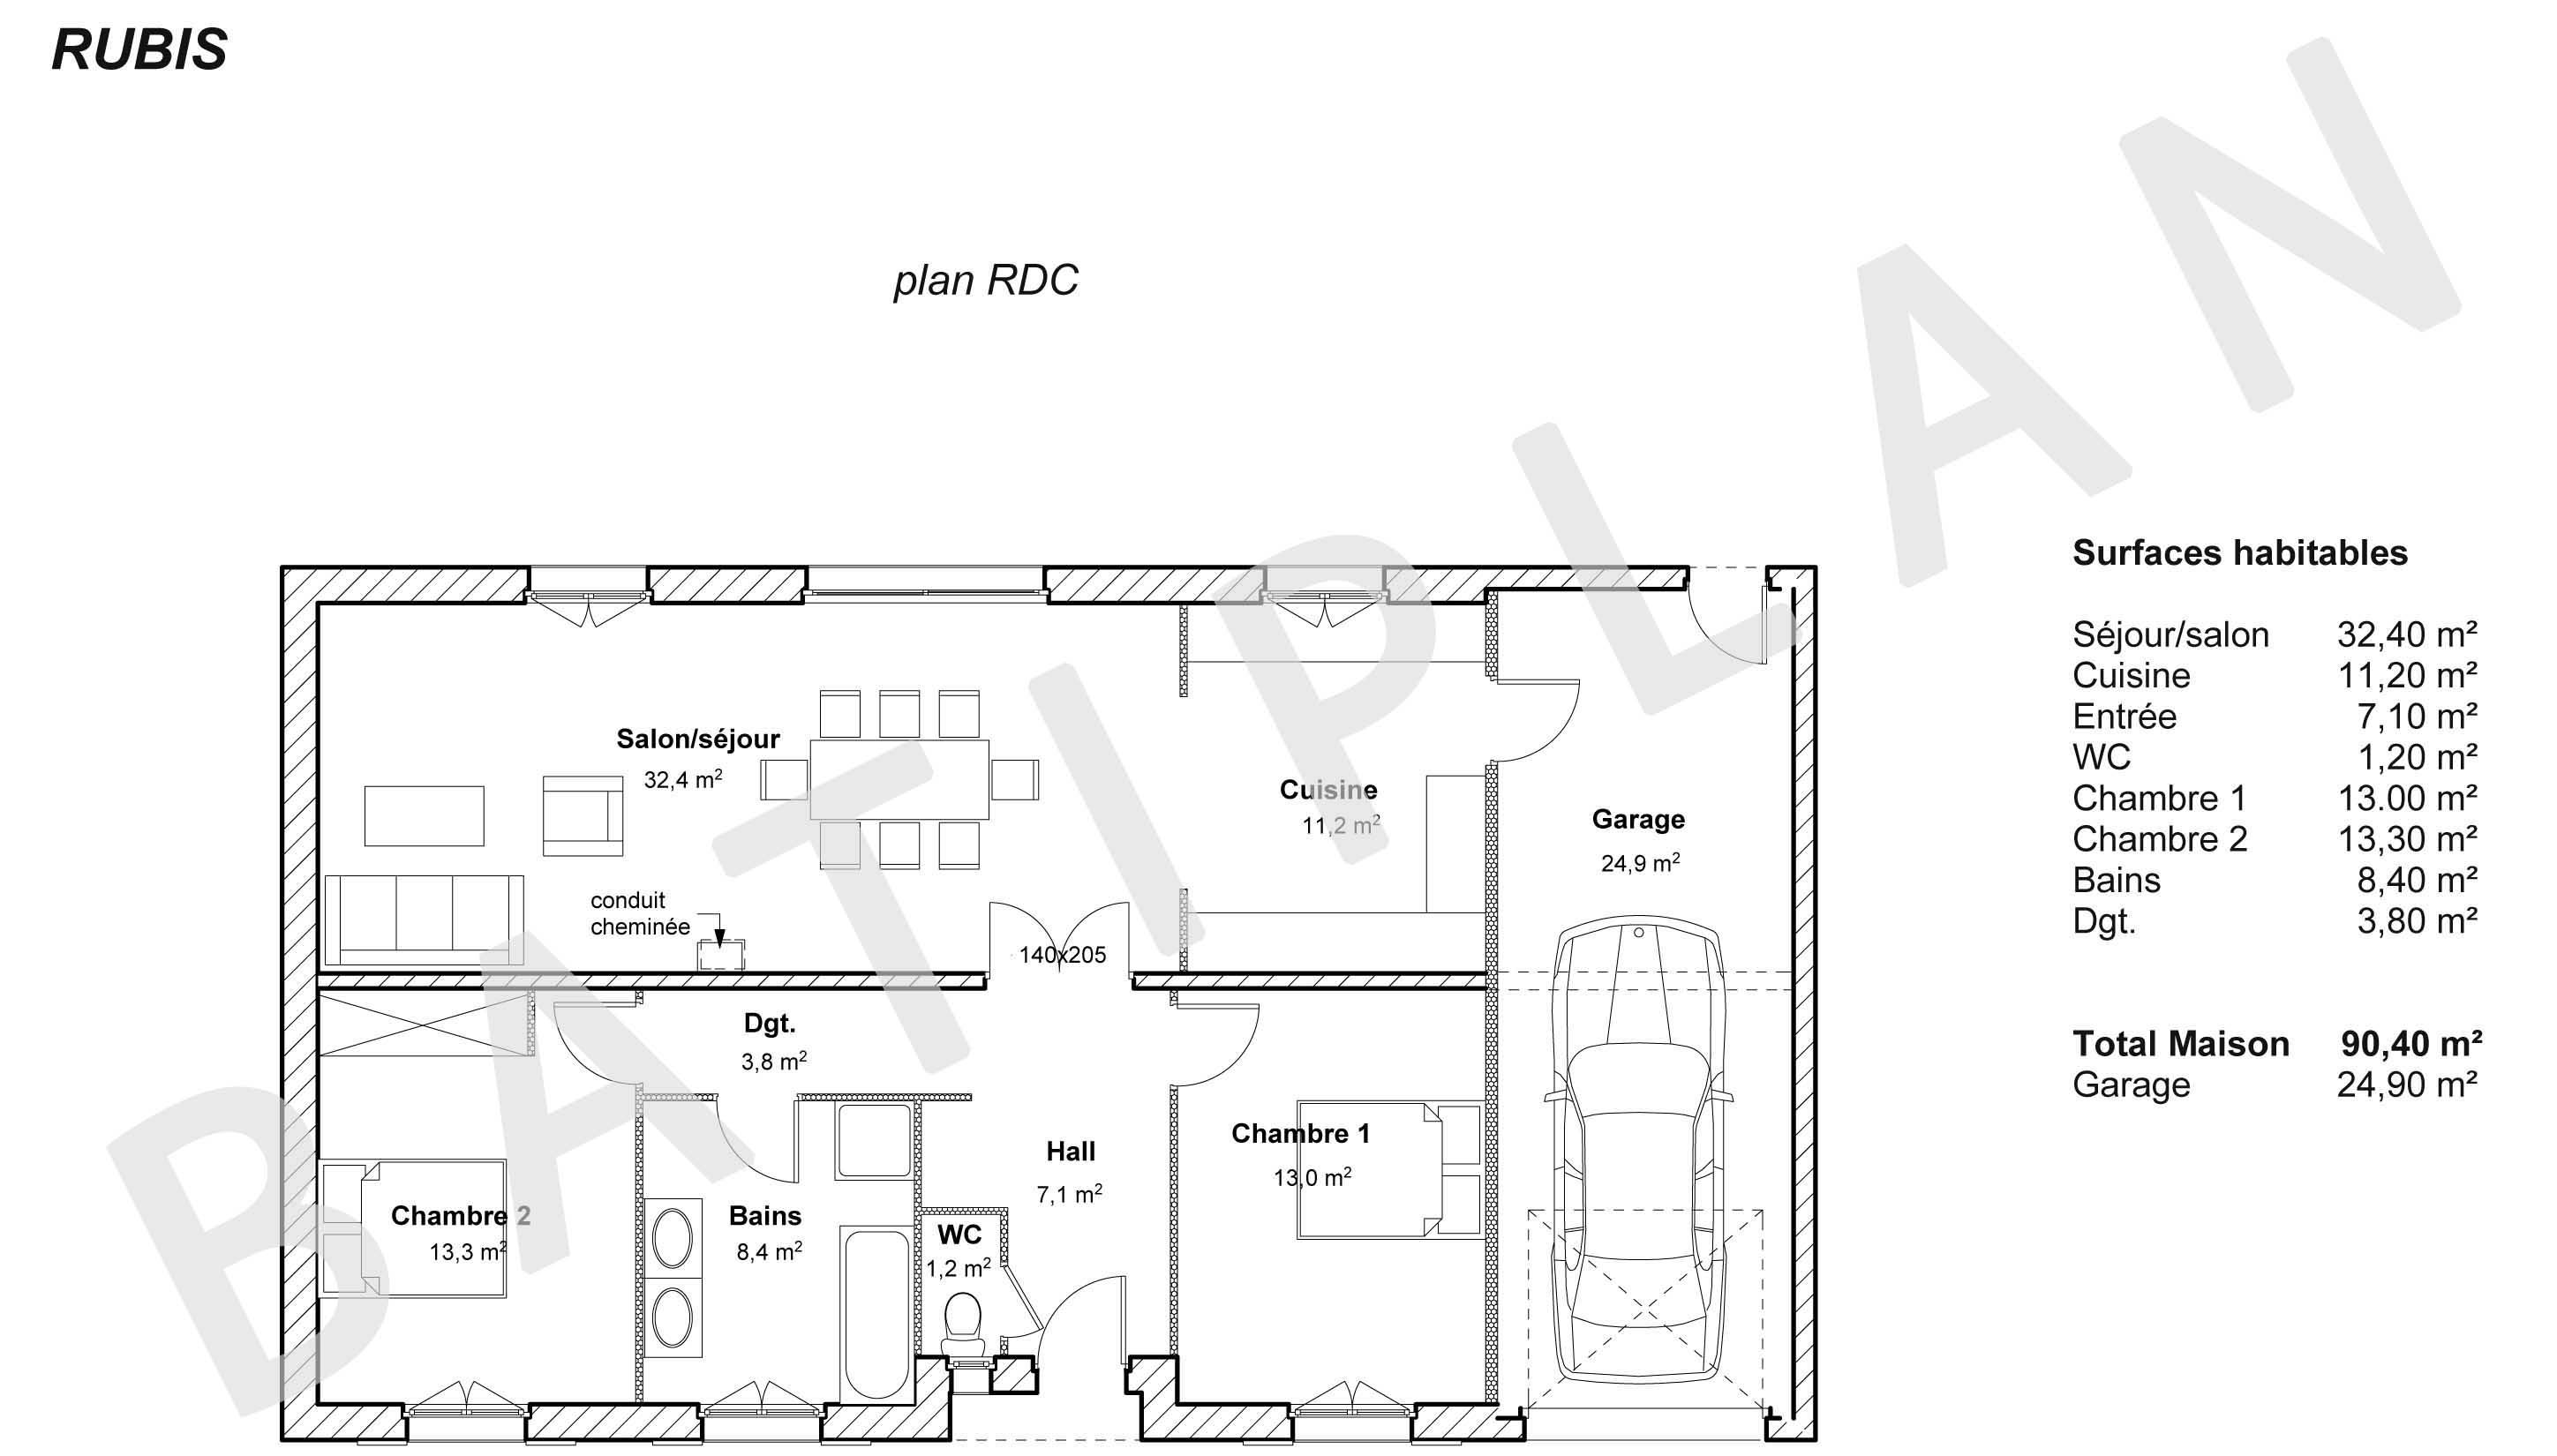 Plans de construction maison gratuit for Plan maison construction